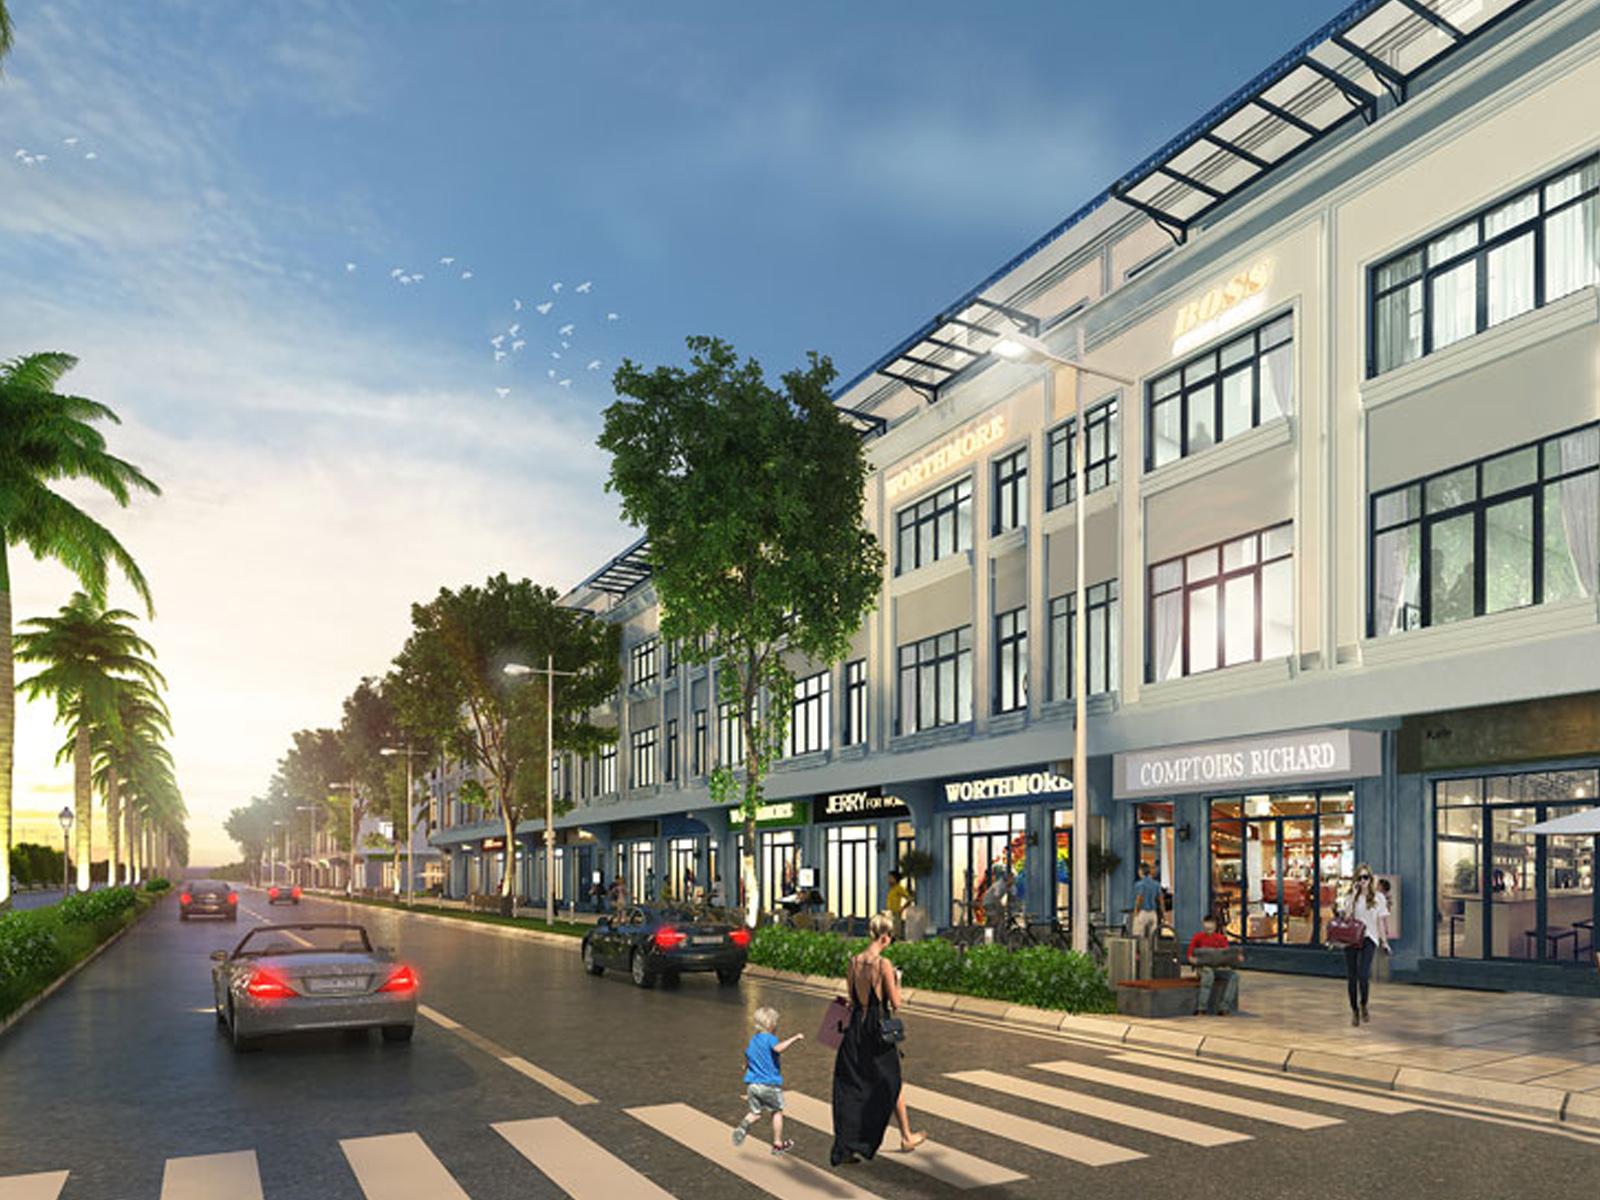 Nhà phố thương mại (Shophouse) Vinhomes được thừa hưởng trọn vẹn tiện ích, cảnh quan xung quanh của các đại đô thị